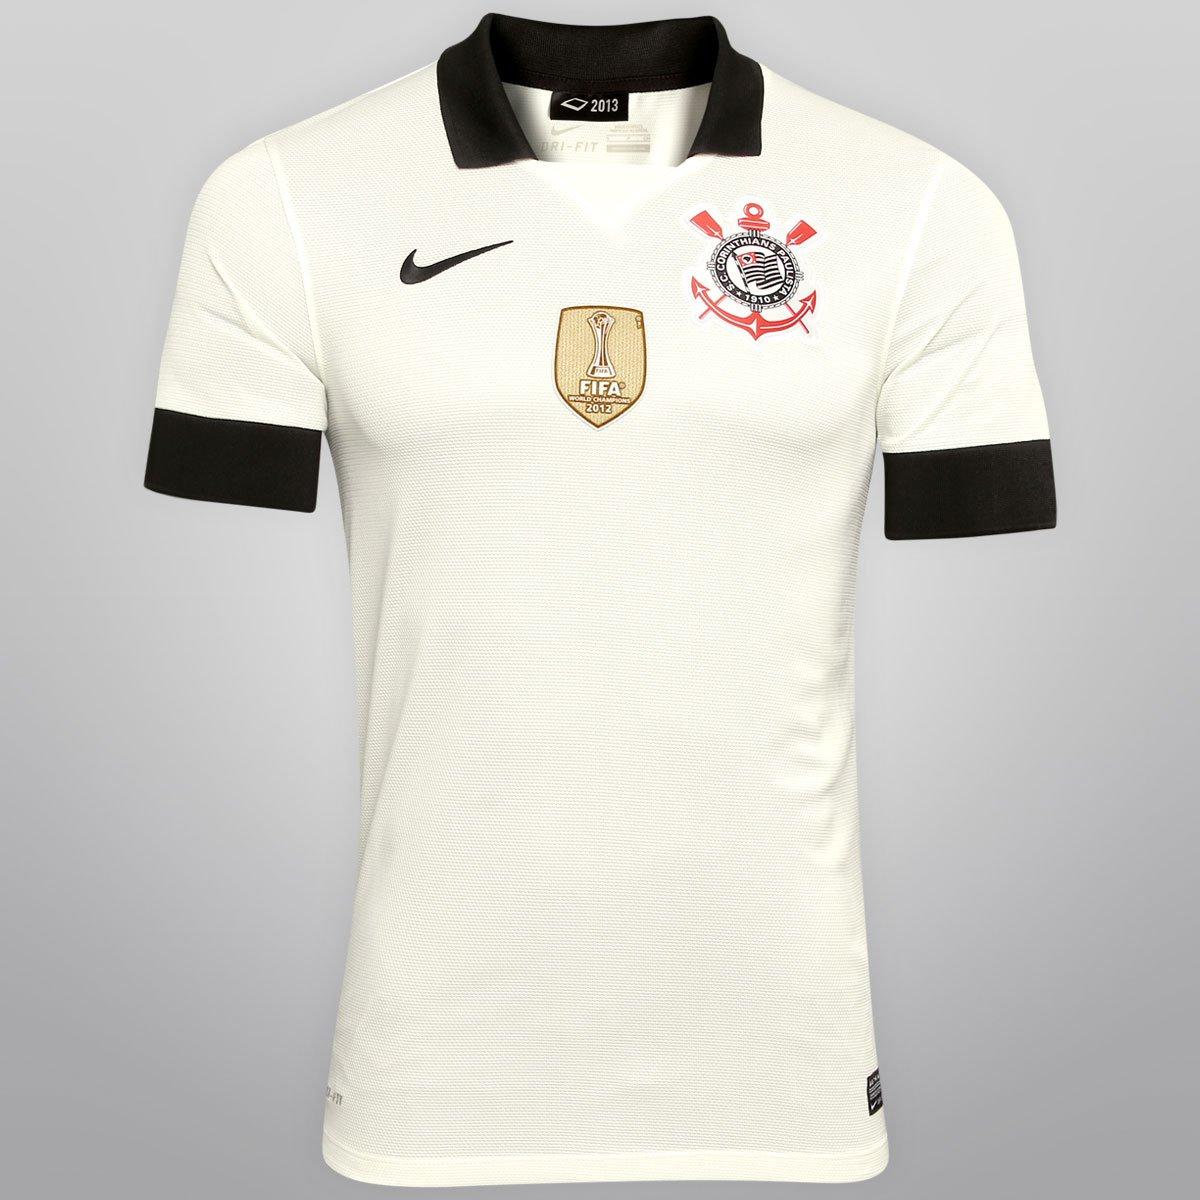 Camisa Nike Corinthians I 13 14 s nº - Ed. Bicampeão Mundial - Compre Agora   188832335c089